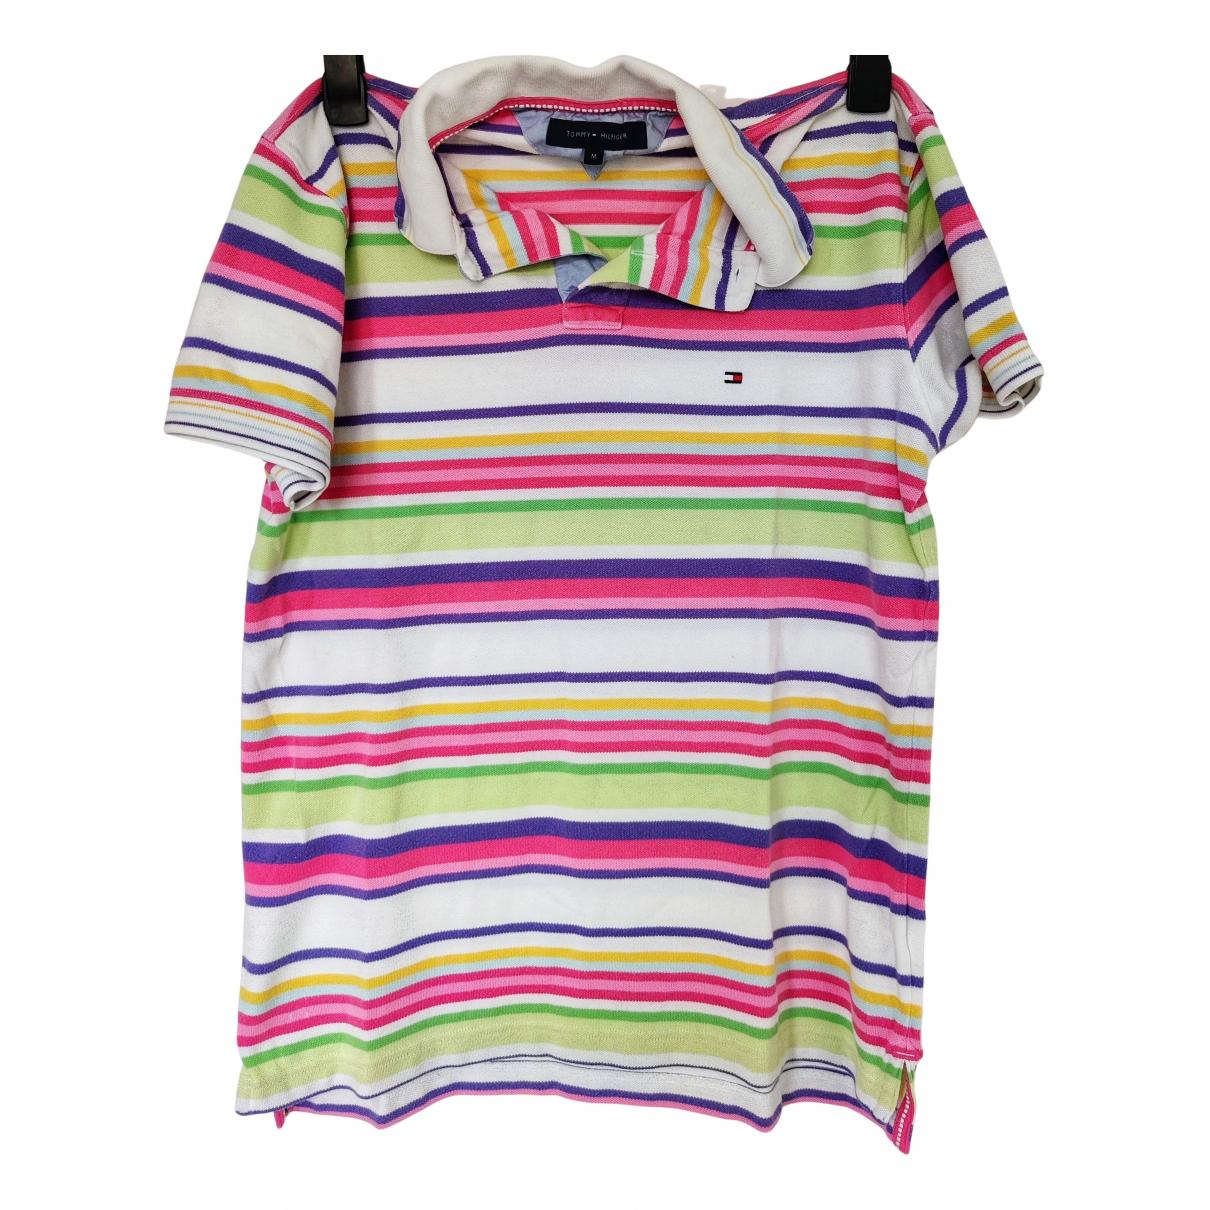 Tommy Hilfiger - Polos   pour homme en coton - multicolore